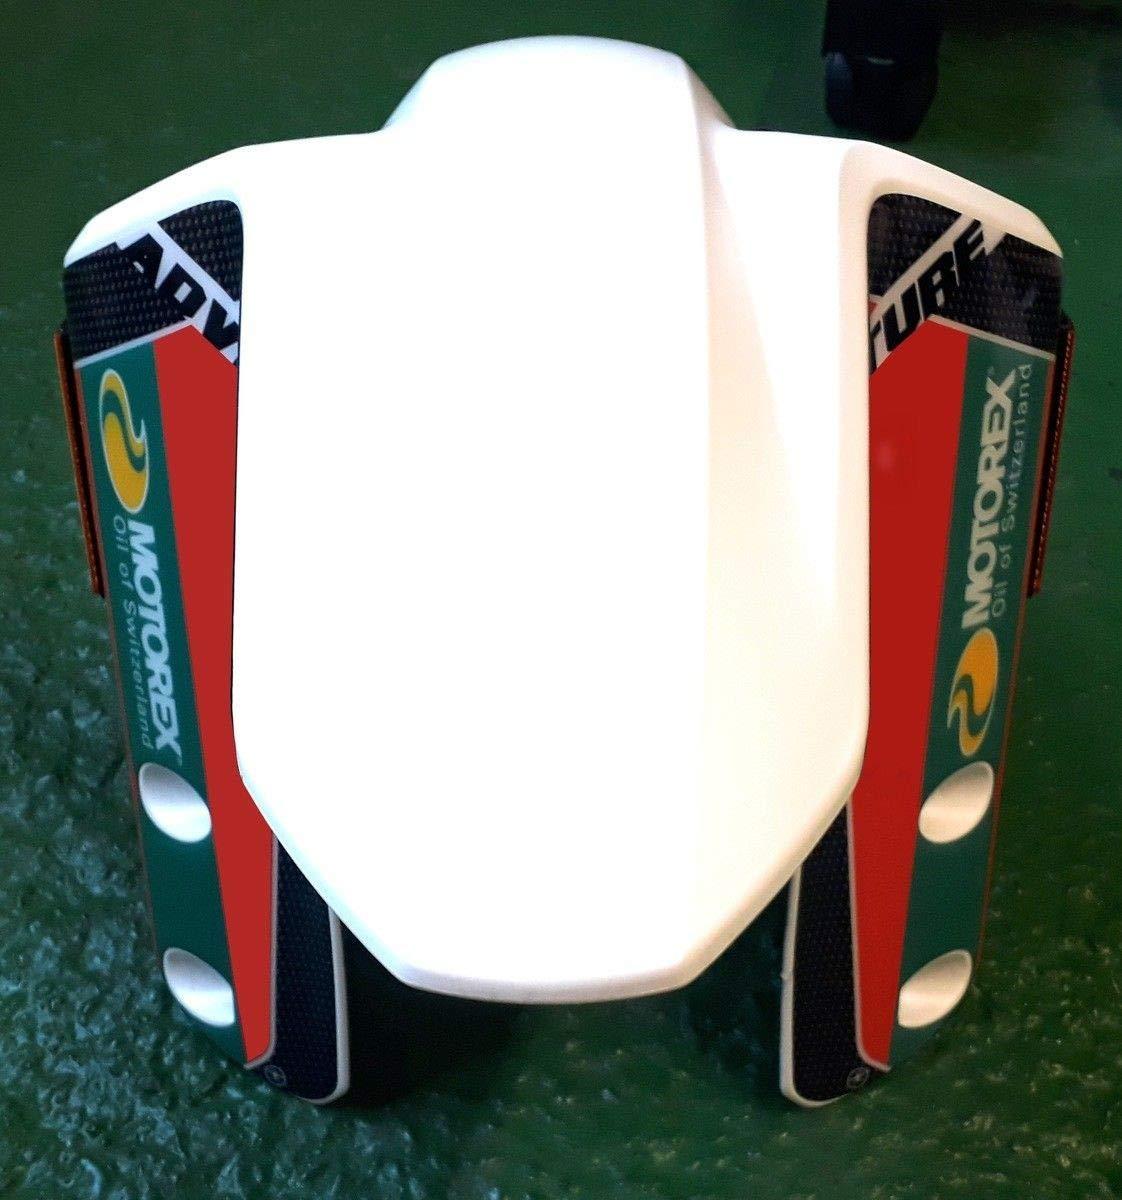 STICKERS 3D GUARDS SIDE FENDER compatible x KTM 1290 SUPER ADVENTURE